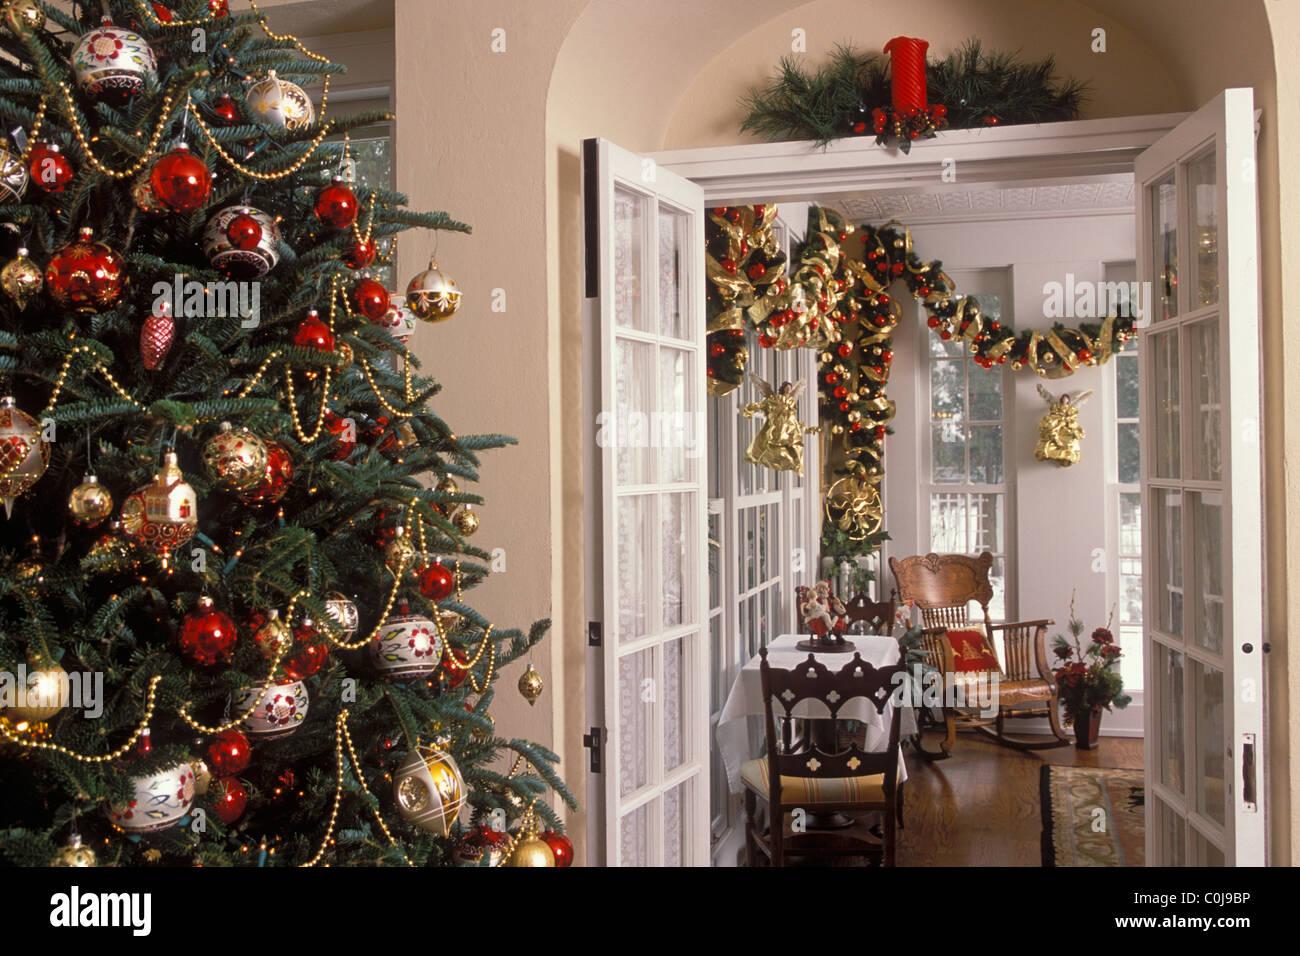 Decorazioni Sala Natale : Le decorazioni di natale in stile vittoriano home in minnesota. le